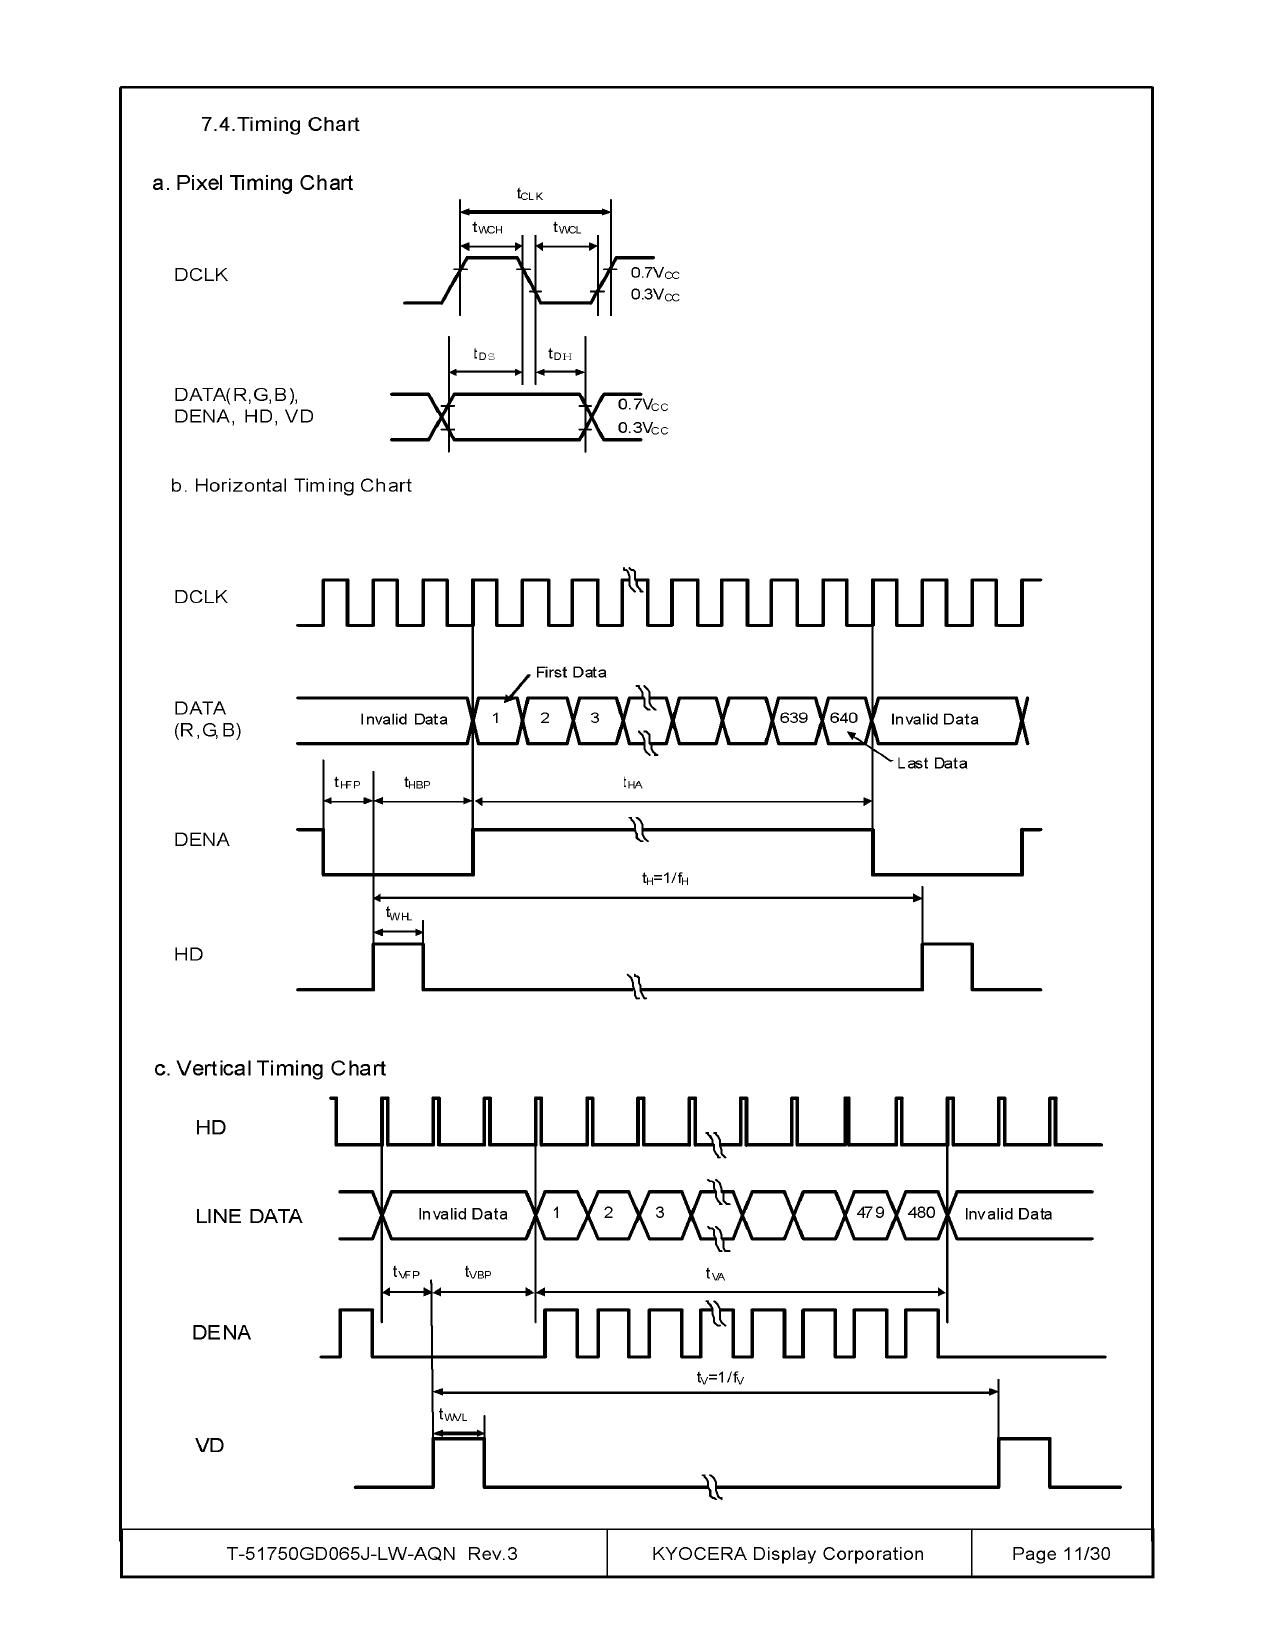 T-51750GD065J-LW-AQN arduino